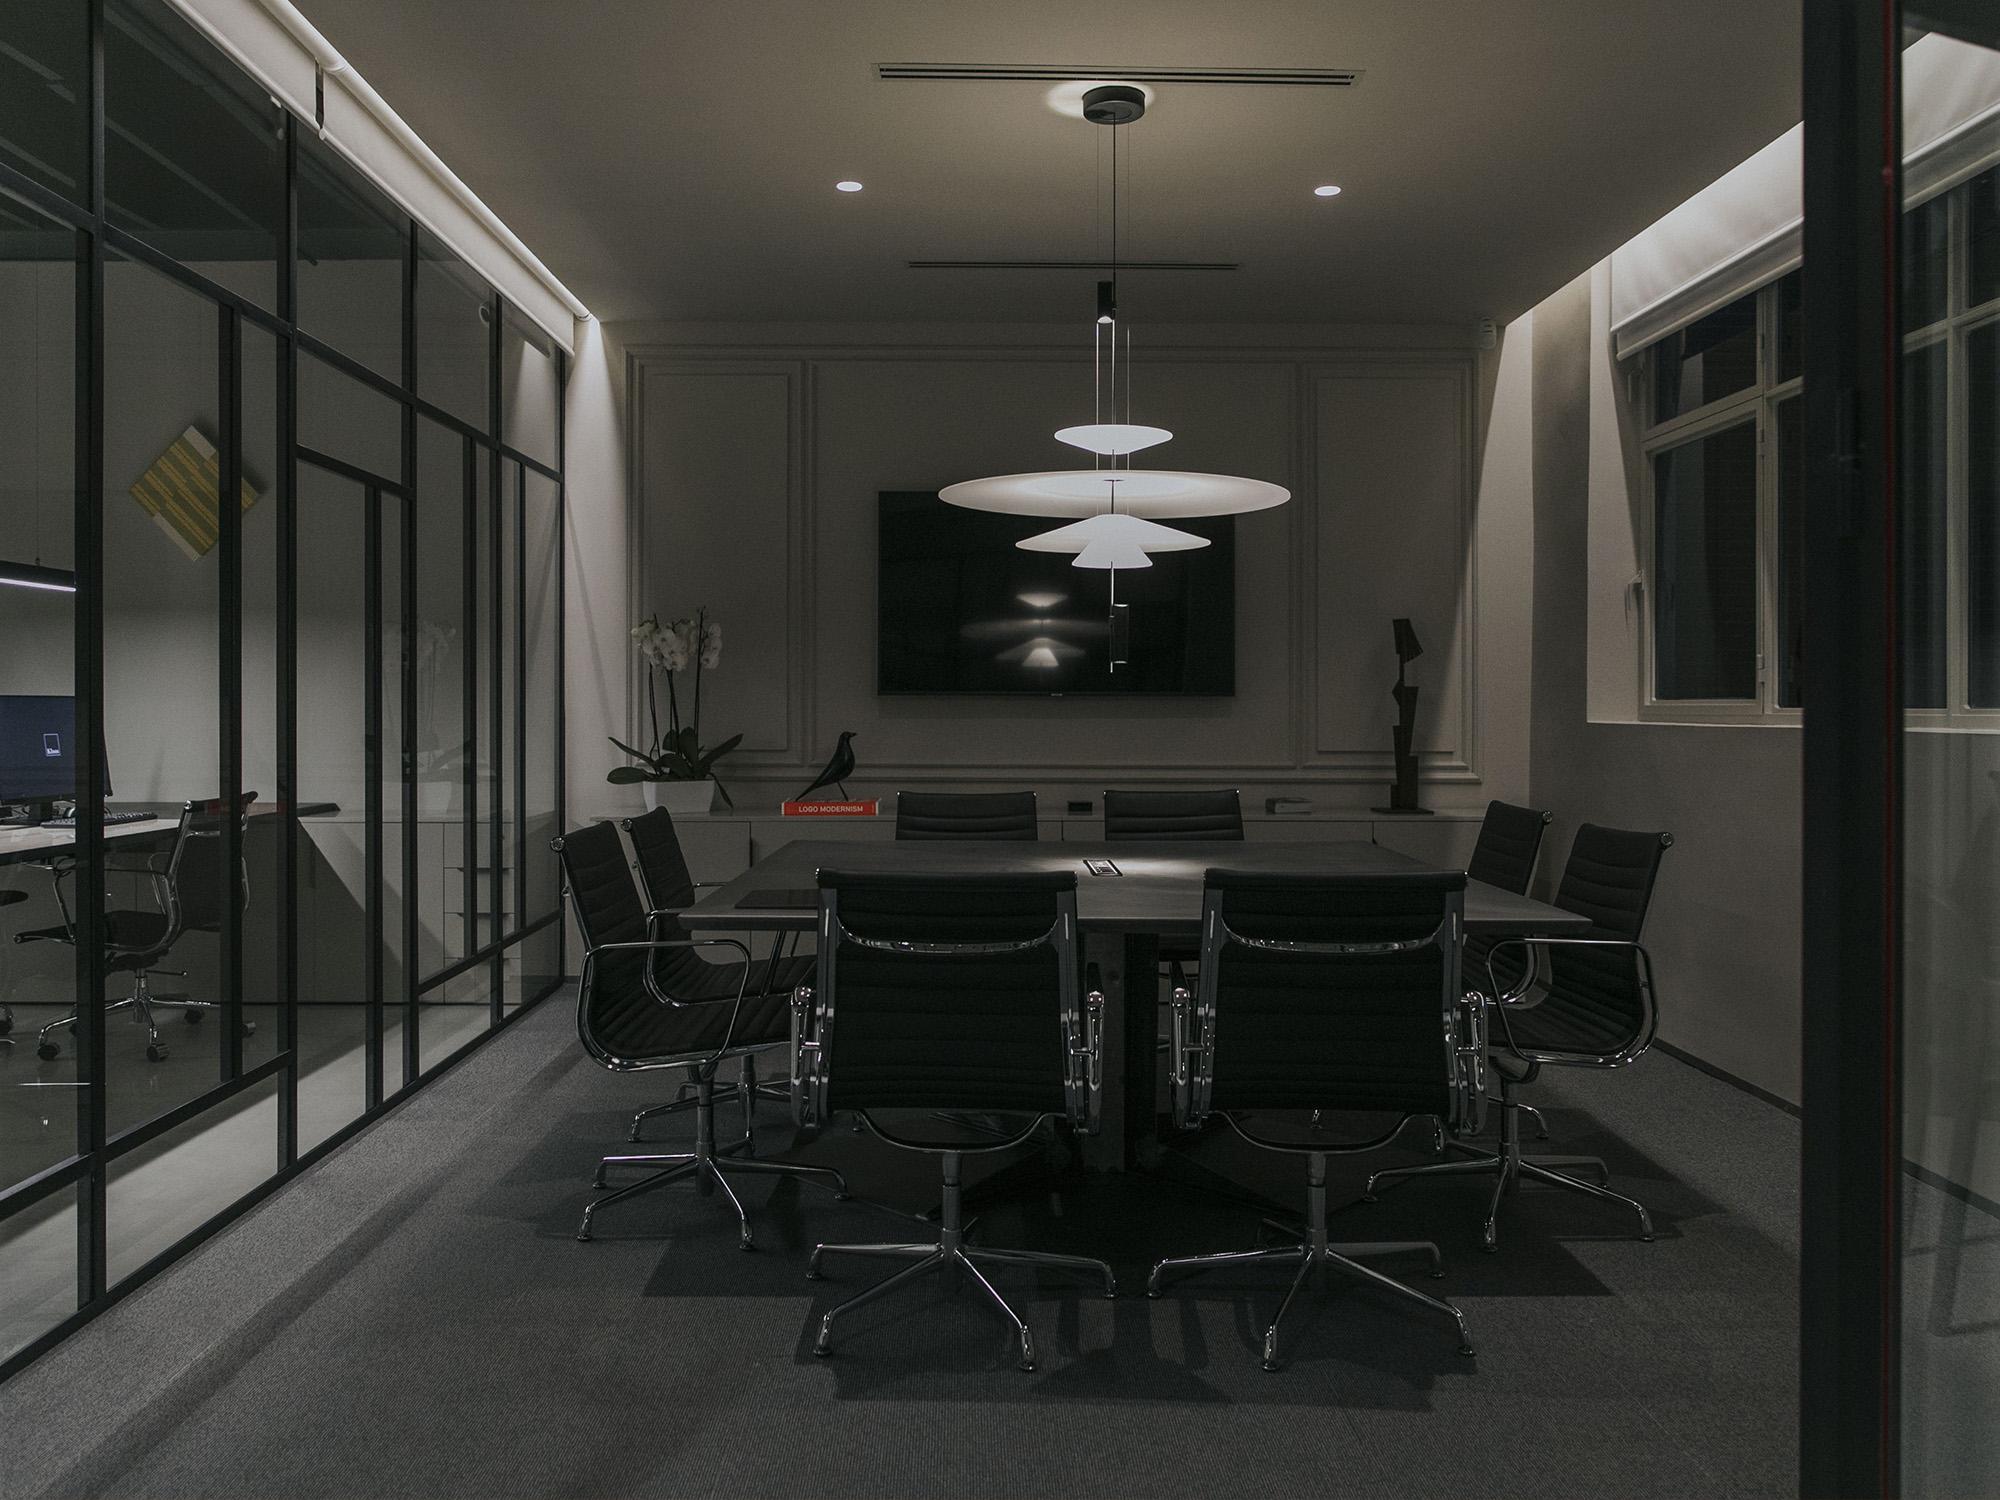 Estudio de Arquitectura: Kloos crea espacios poderosos y lujuosos en España estudio de arquitectura Estudio de Arquitectura: Kloos crea espacios poderosos y lujuosos en España 5dd7db0ac13d2